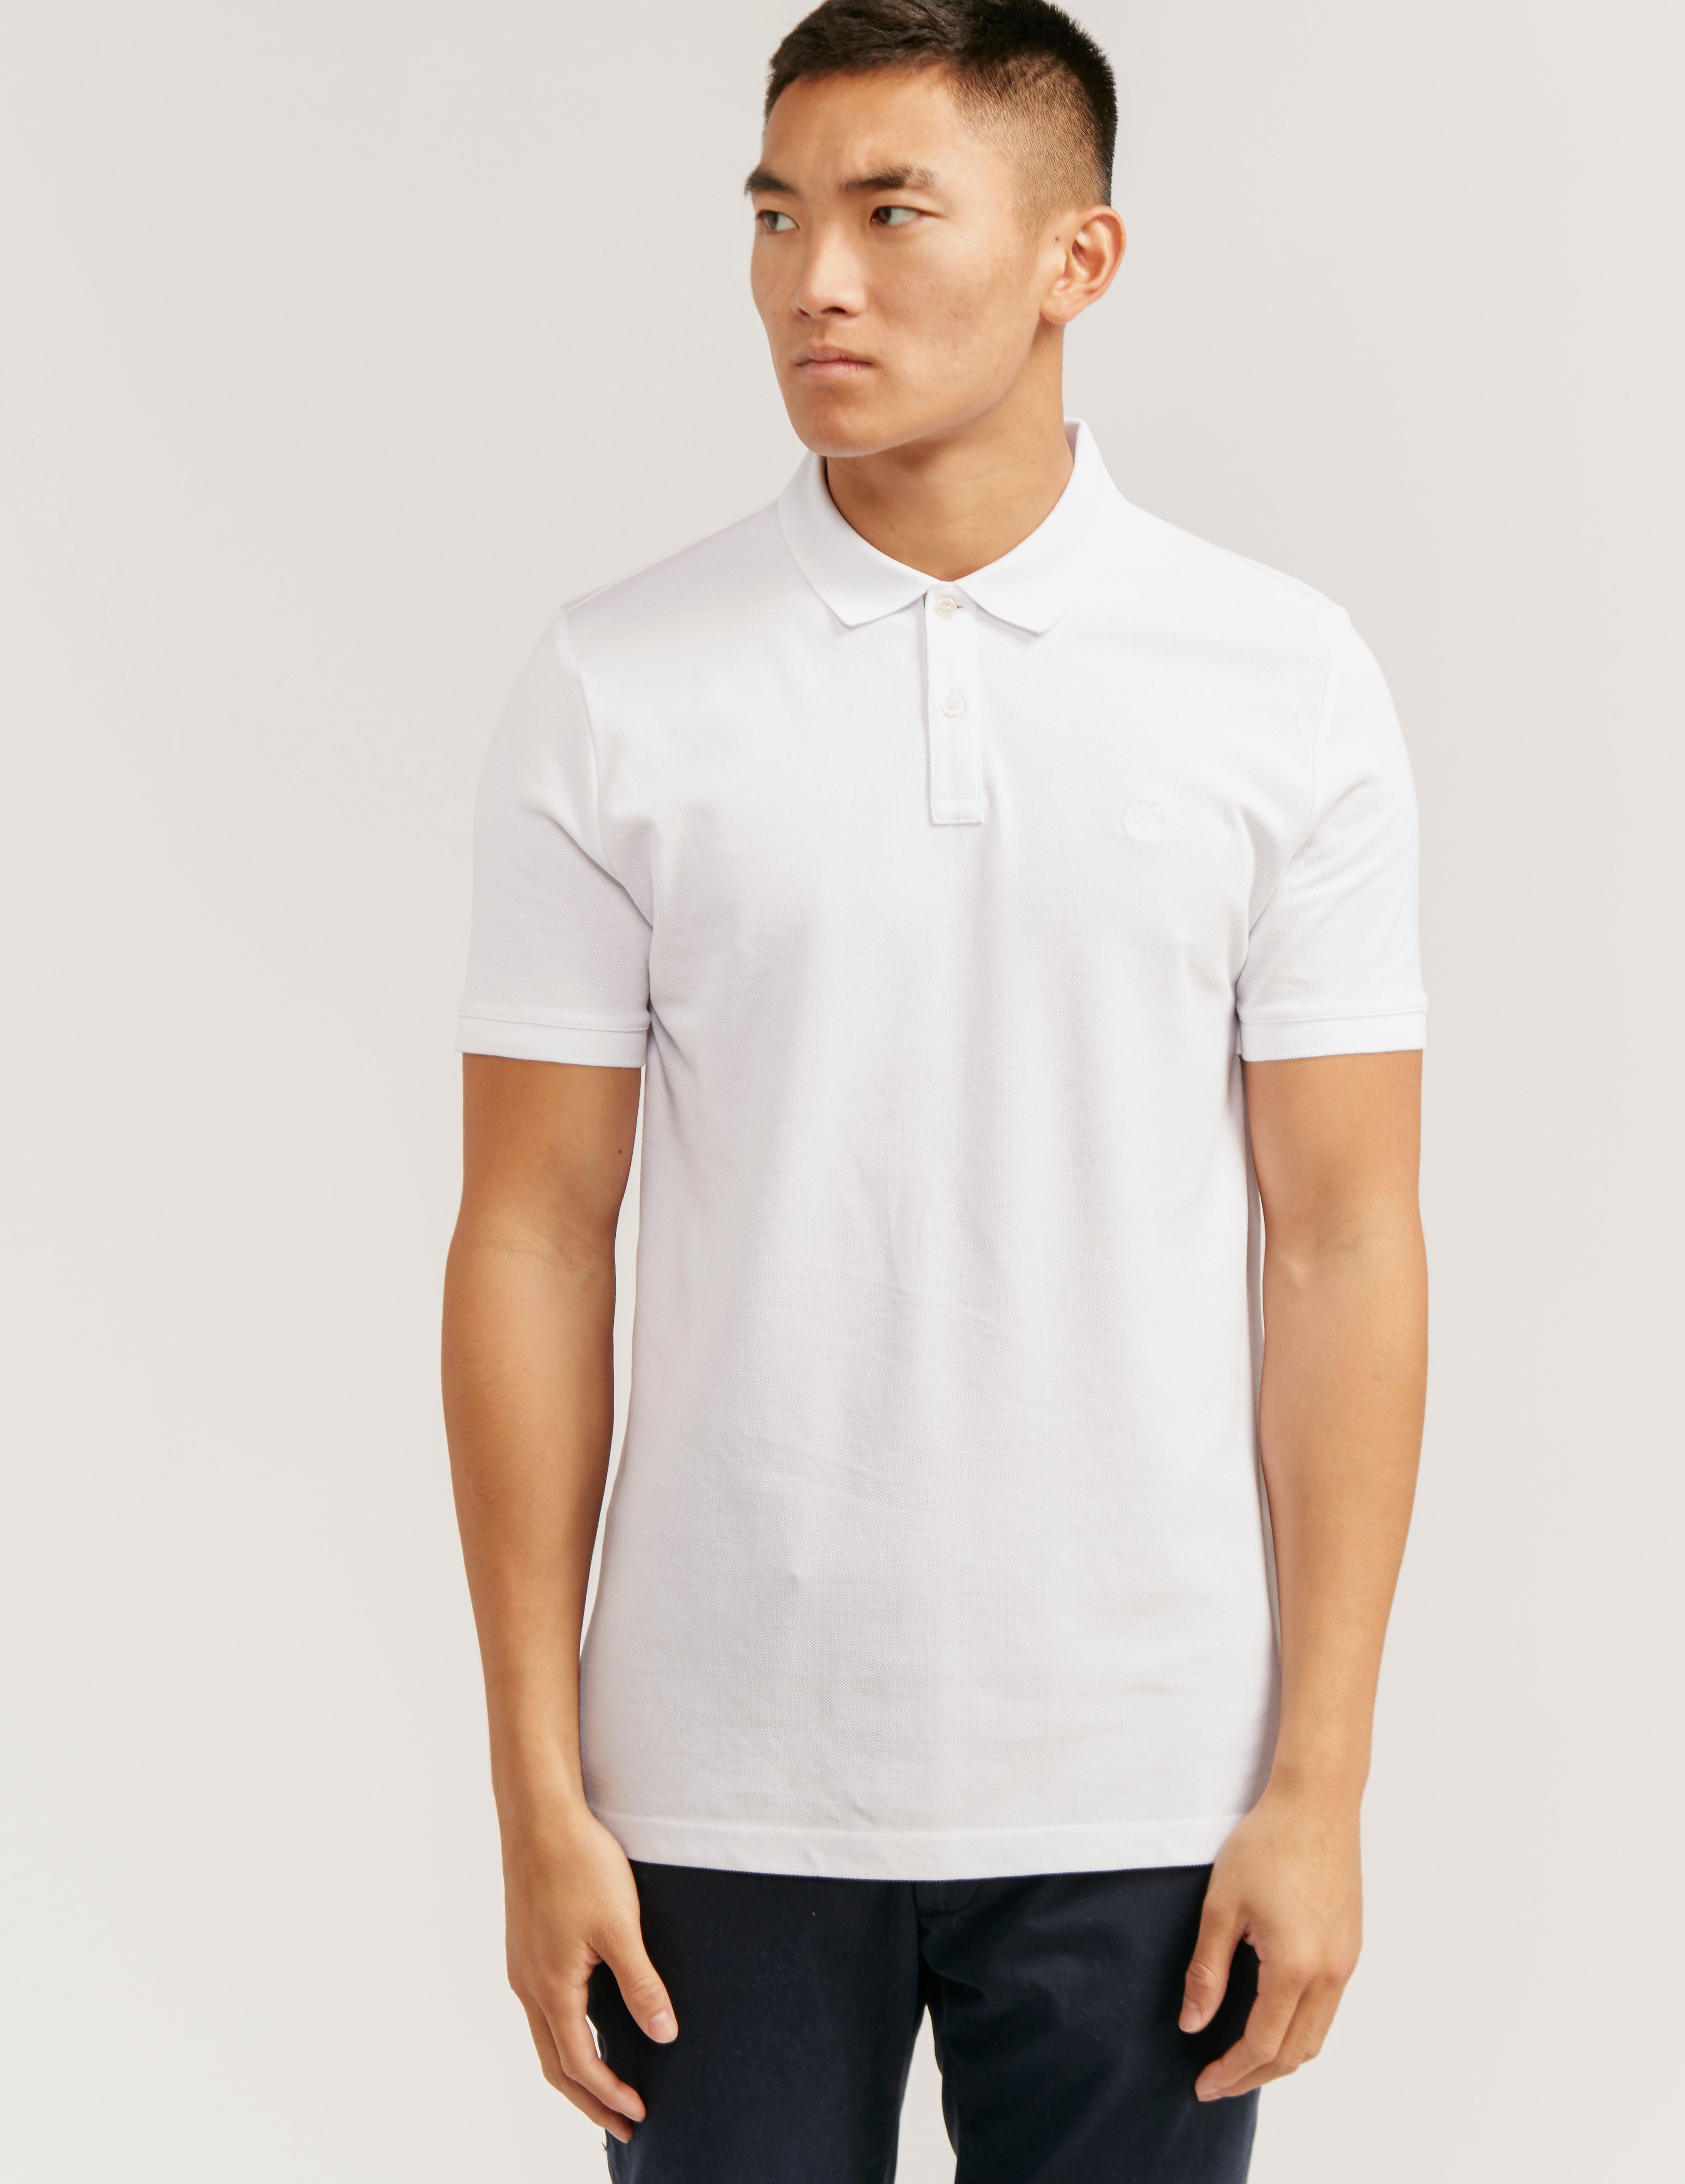 Aquascutum Hilton Polo Shirt